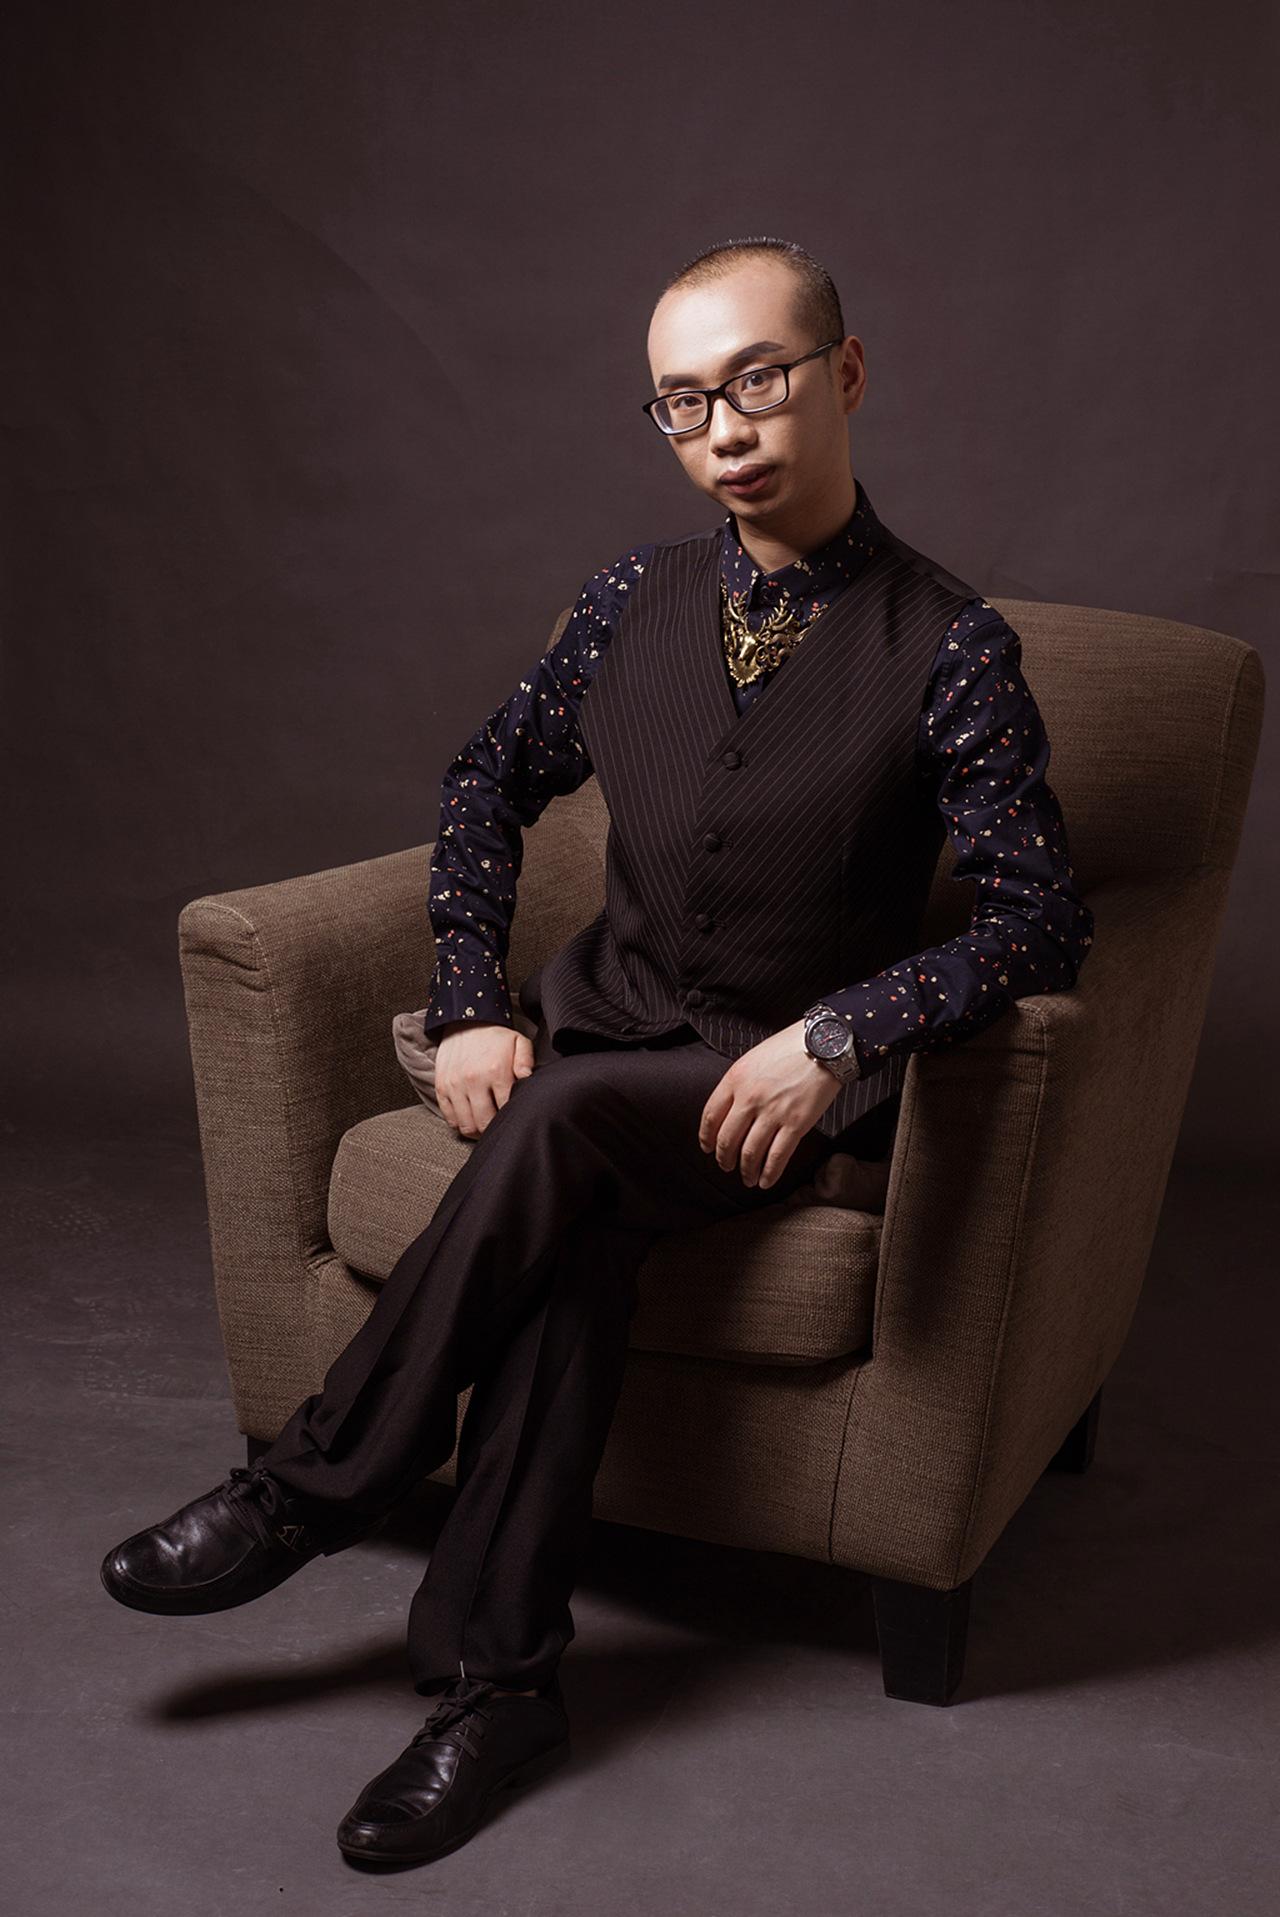 杨���$9i.y�)ycm_杨大侠:侠义高扬